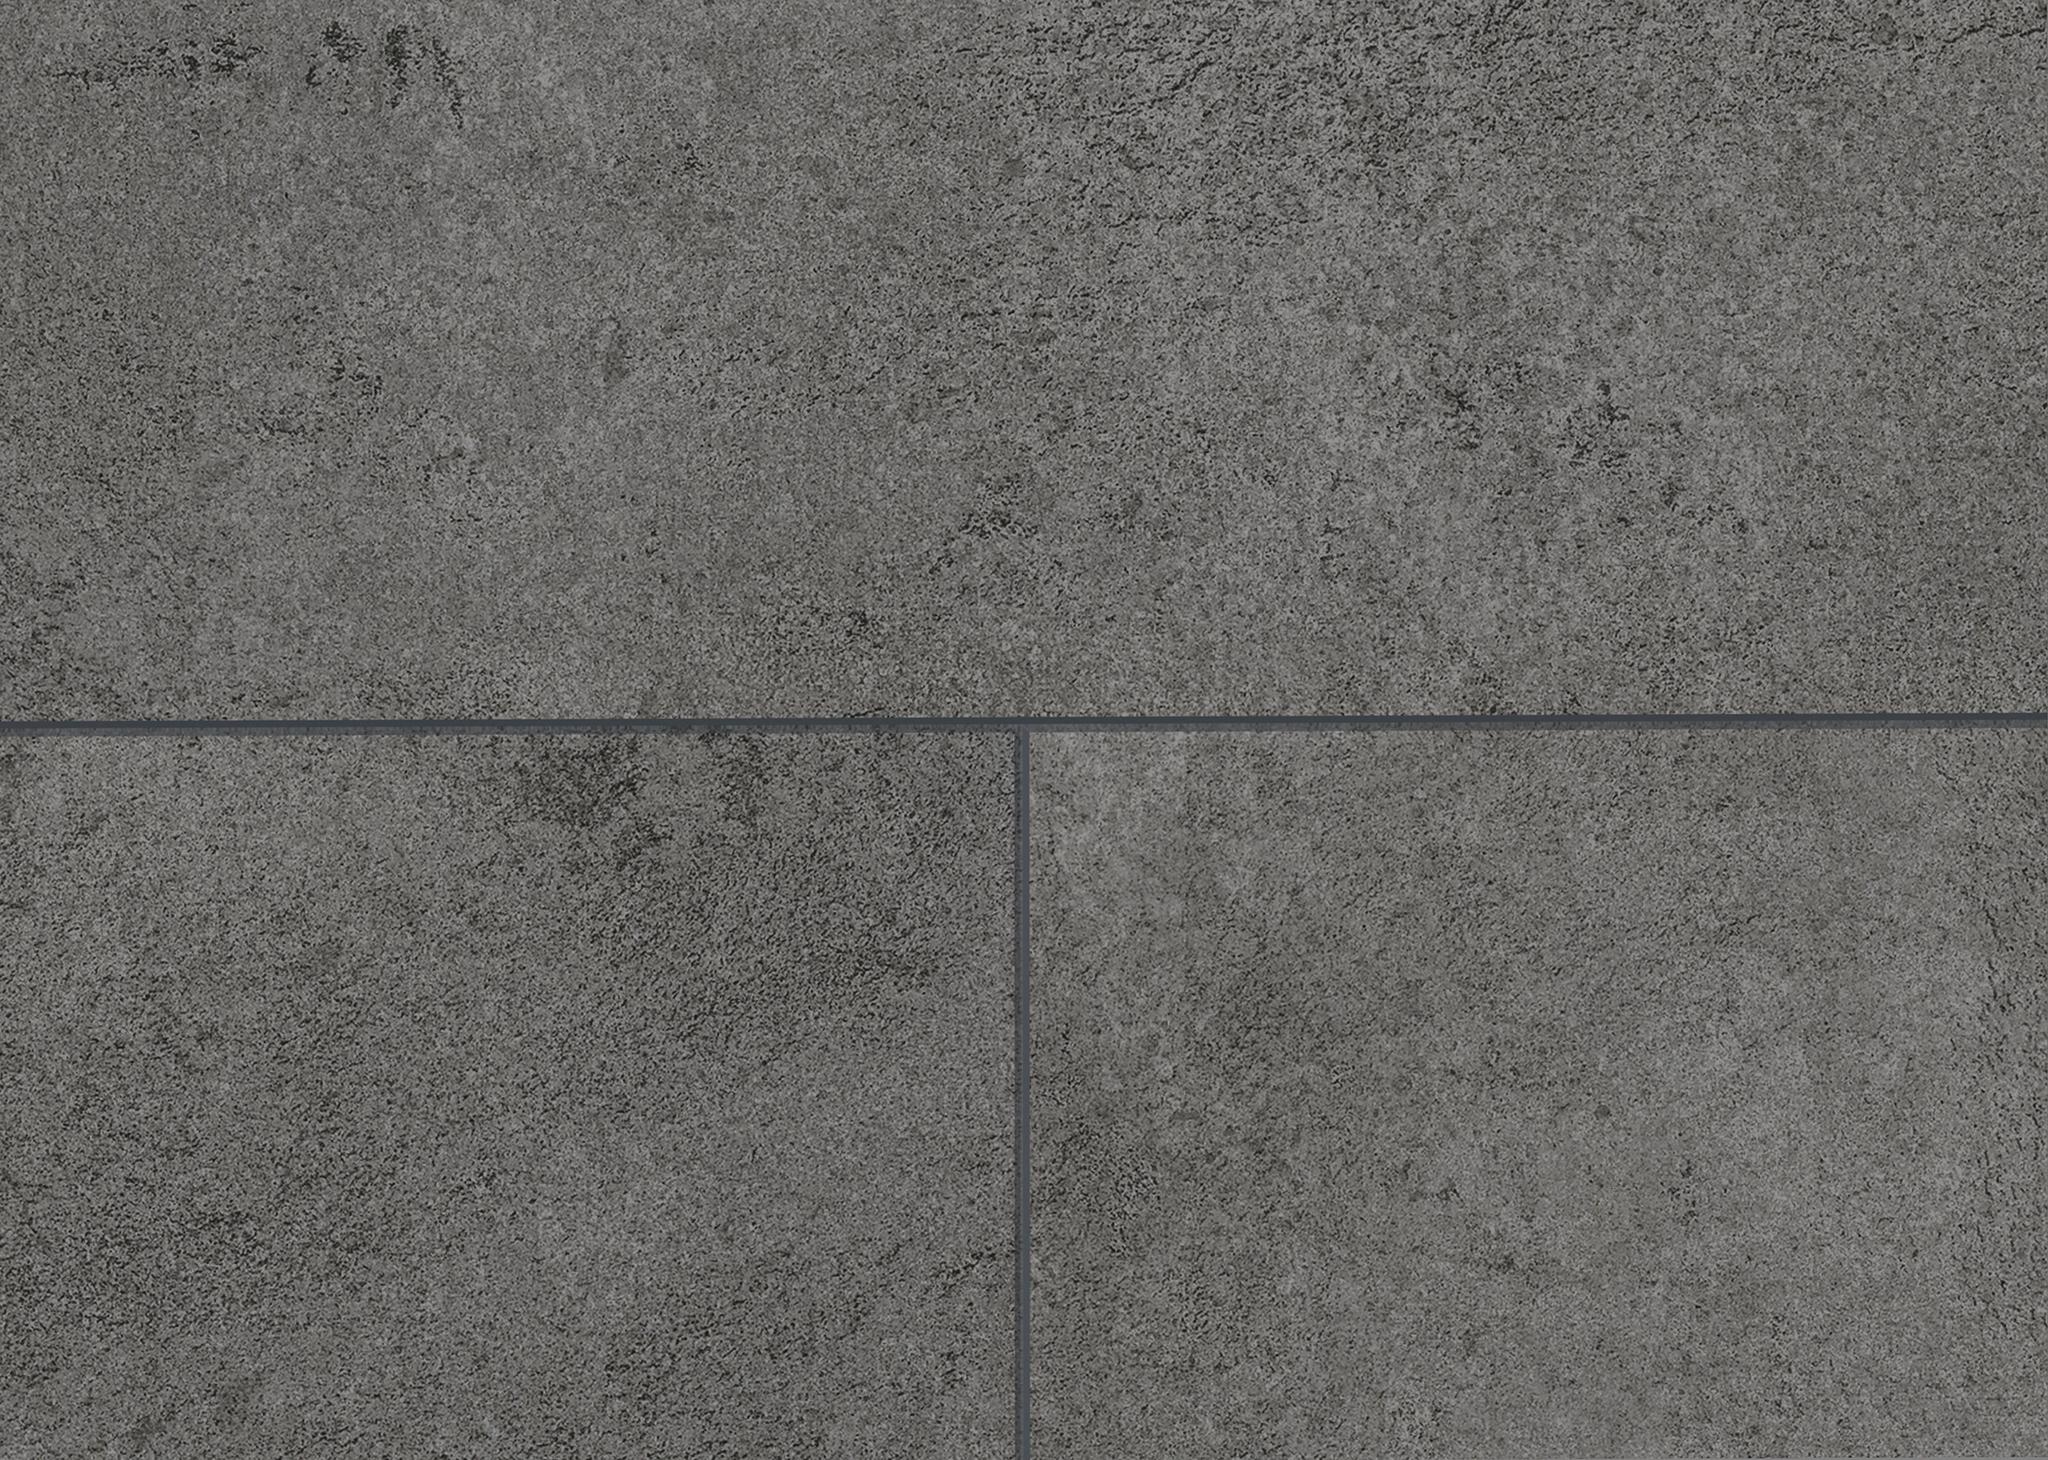 Eco Vinyl Vulkano Granit Vinylfliese